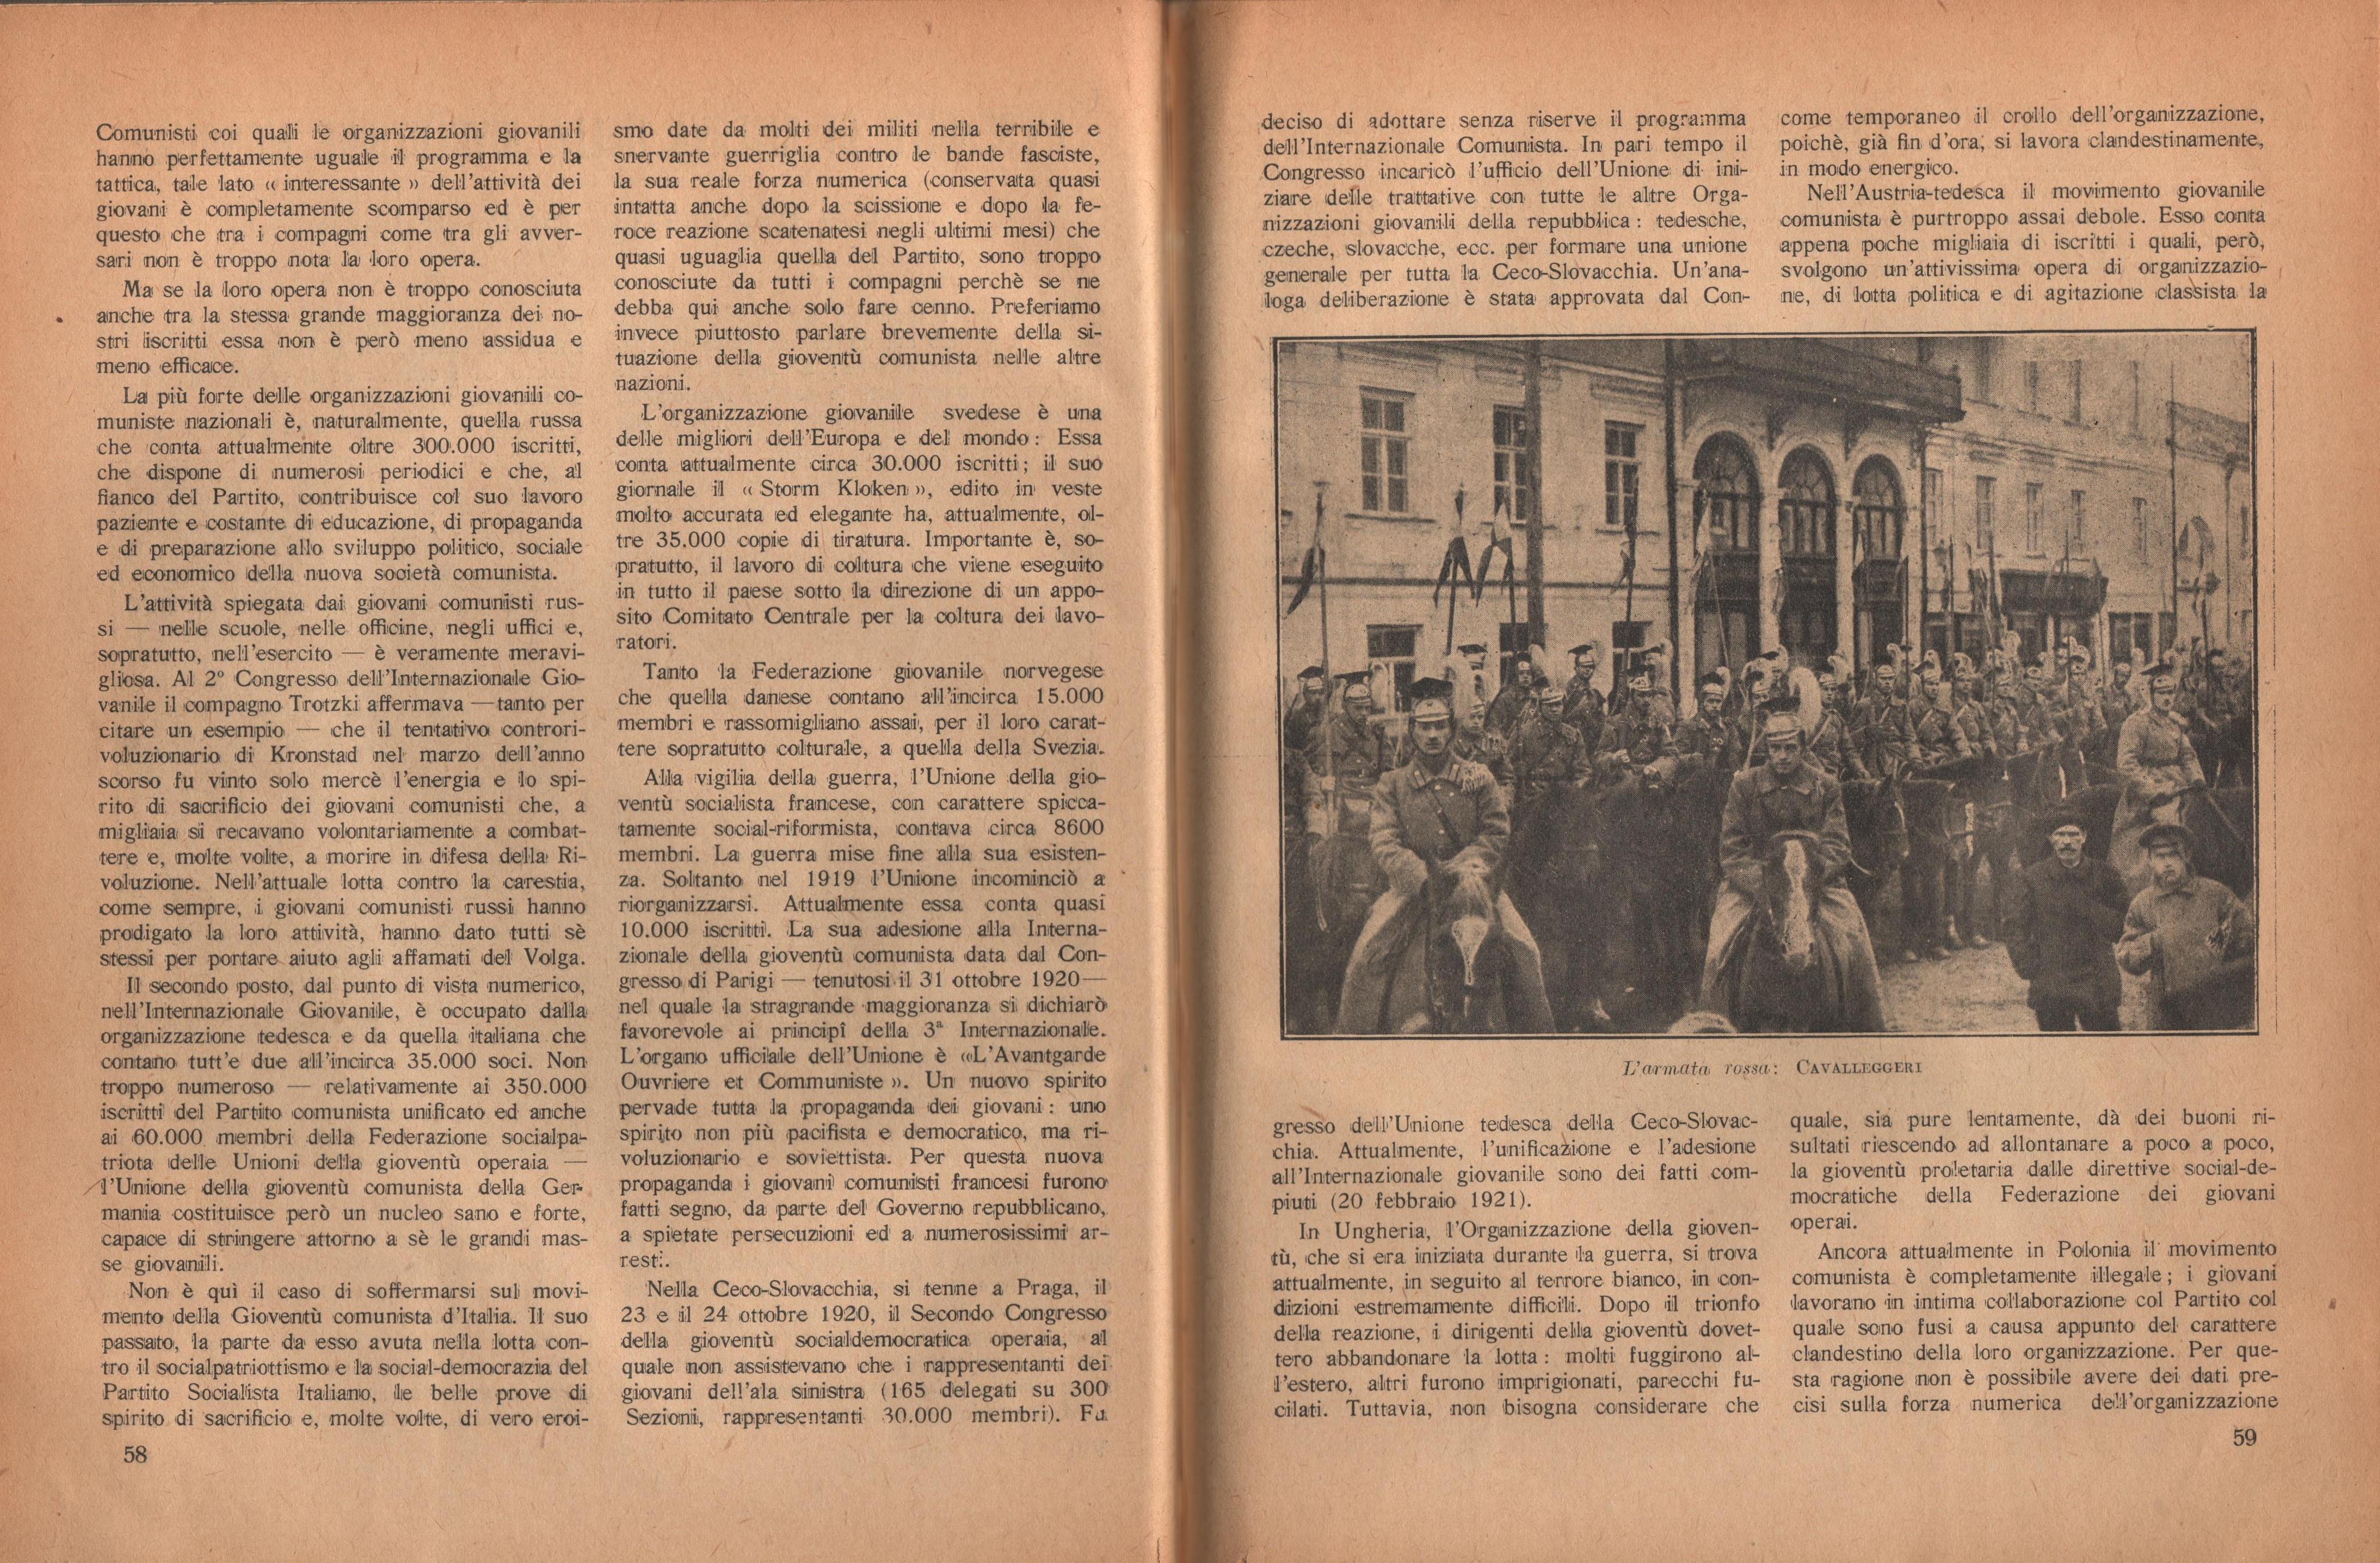 Almanacco comunista 1922 - pag. 36